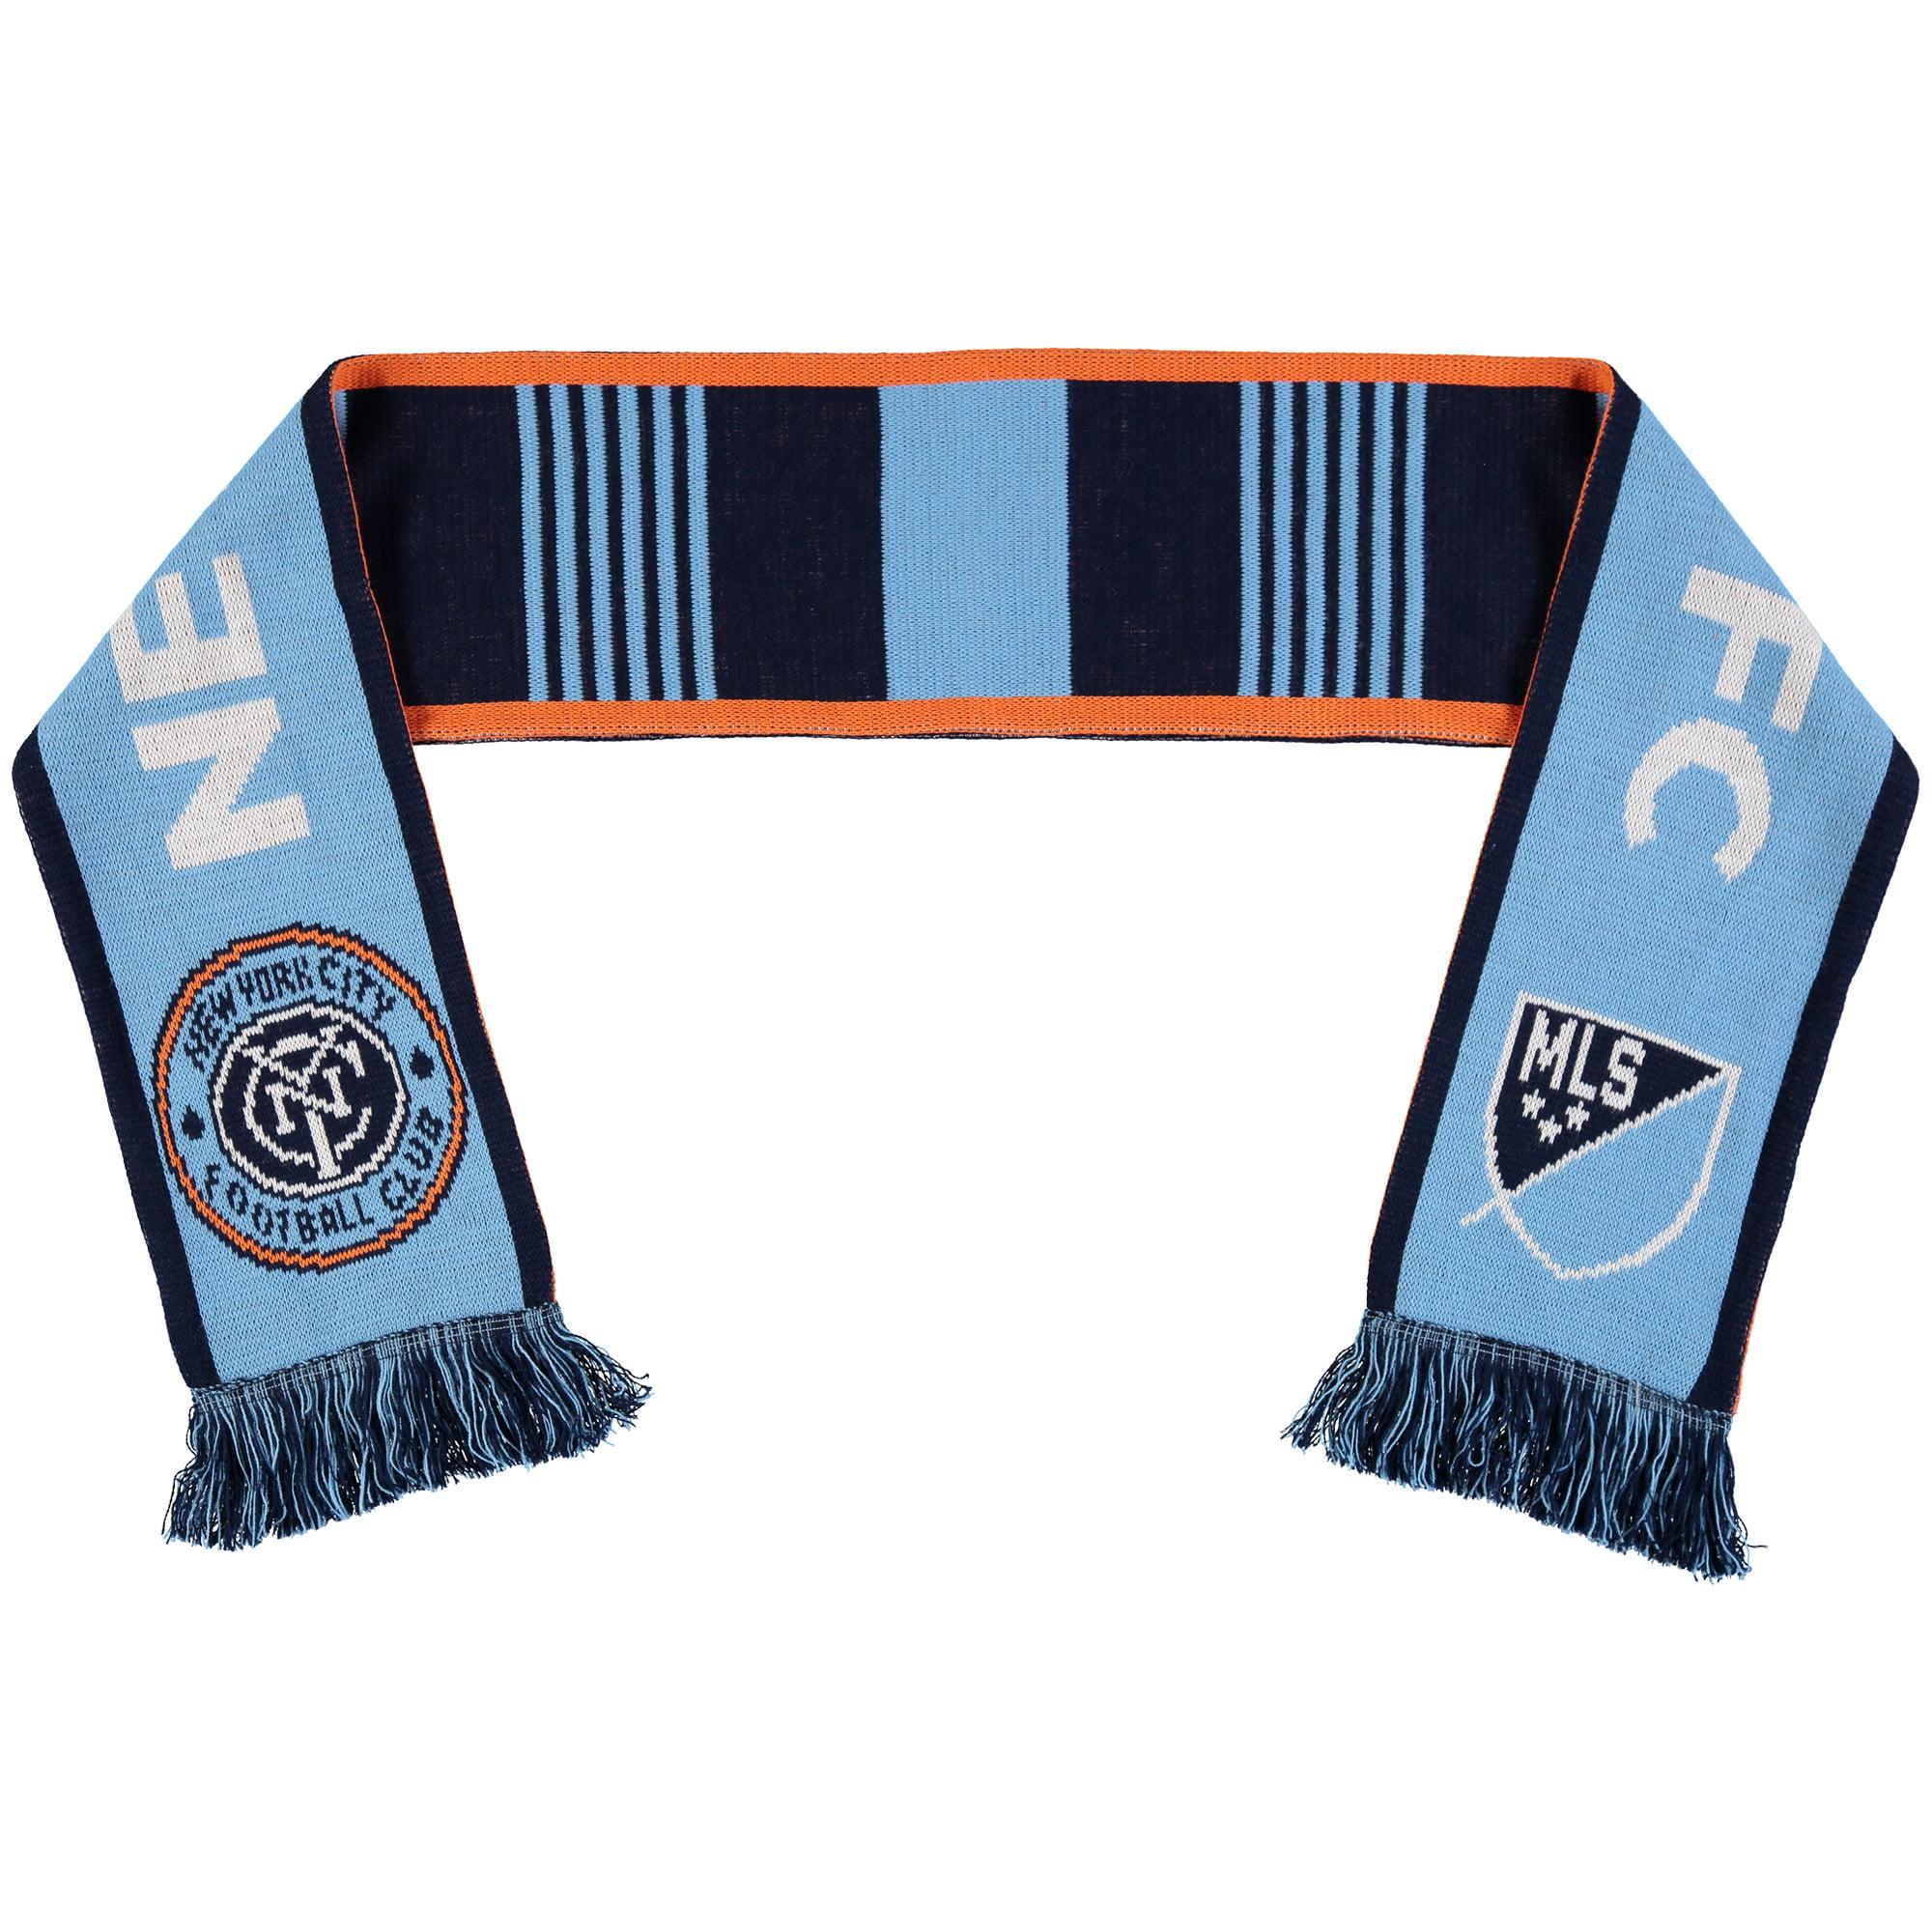 New York City FC Classic Knit Scarf - Light Blue/Navy - No Size